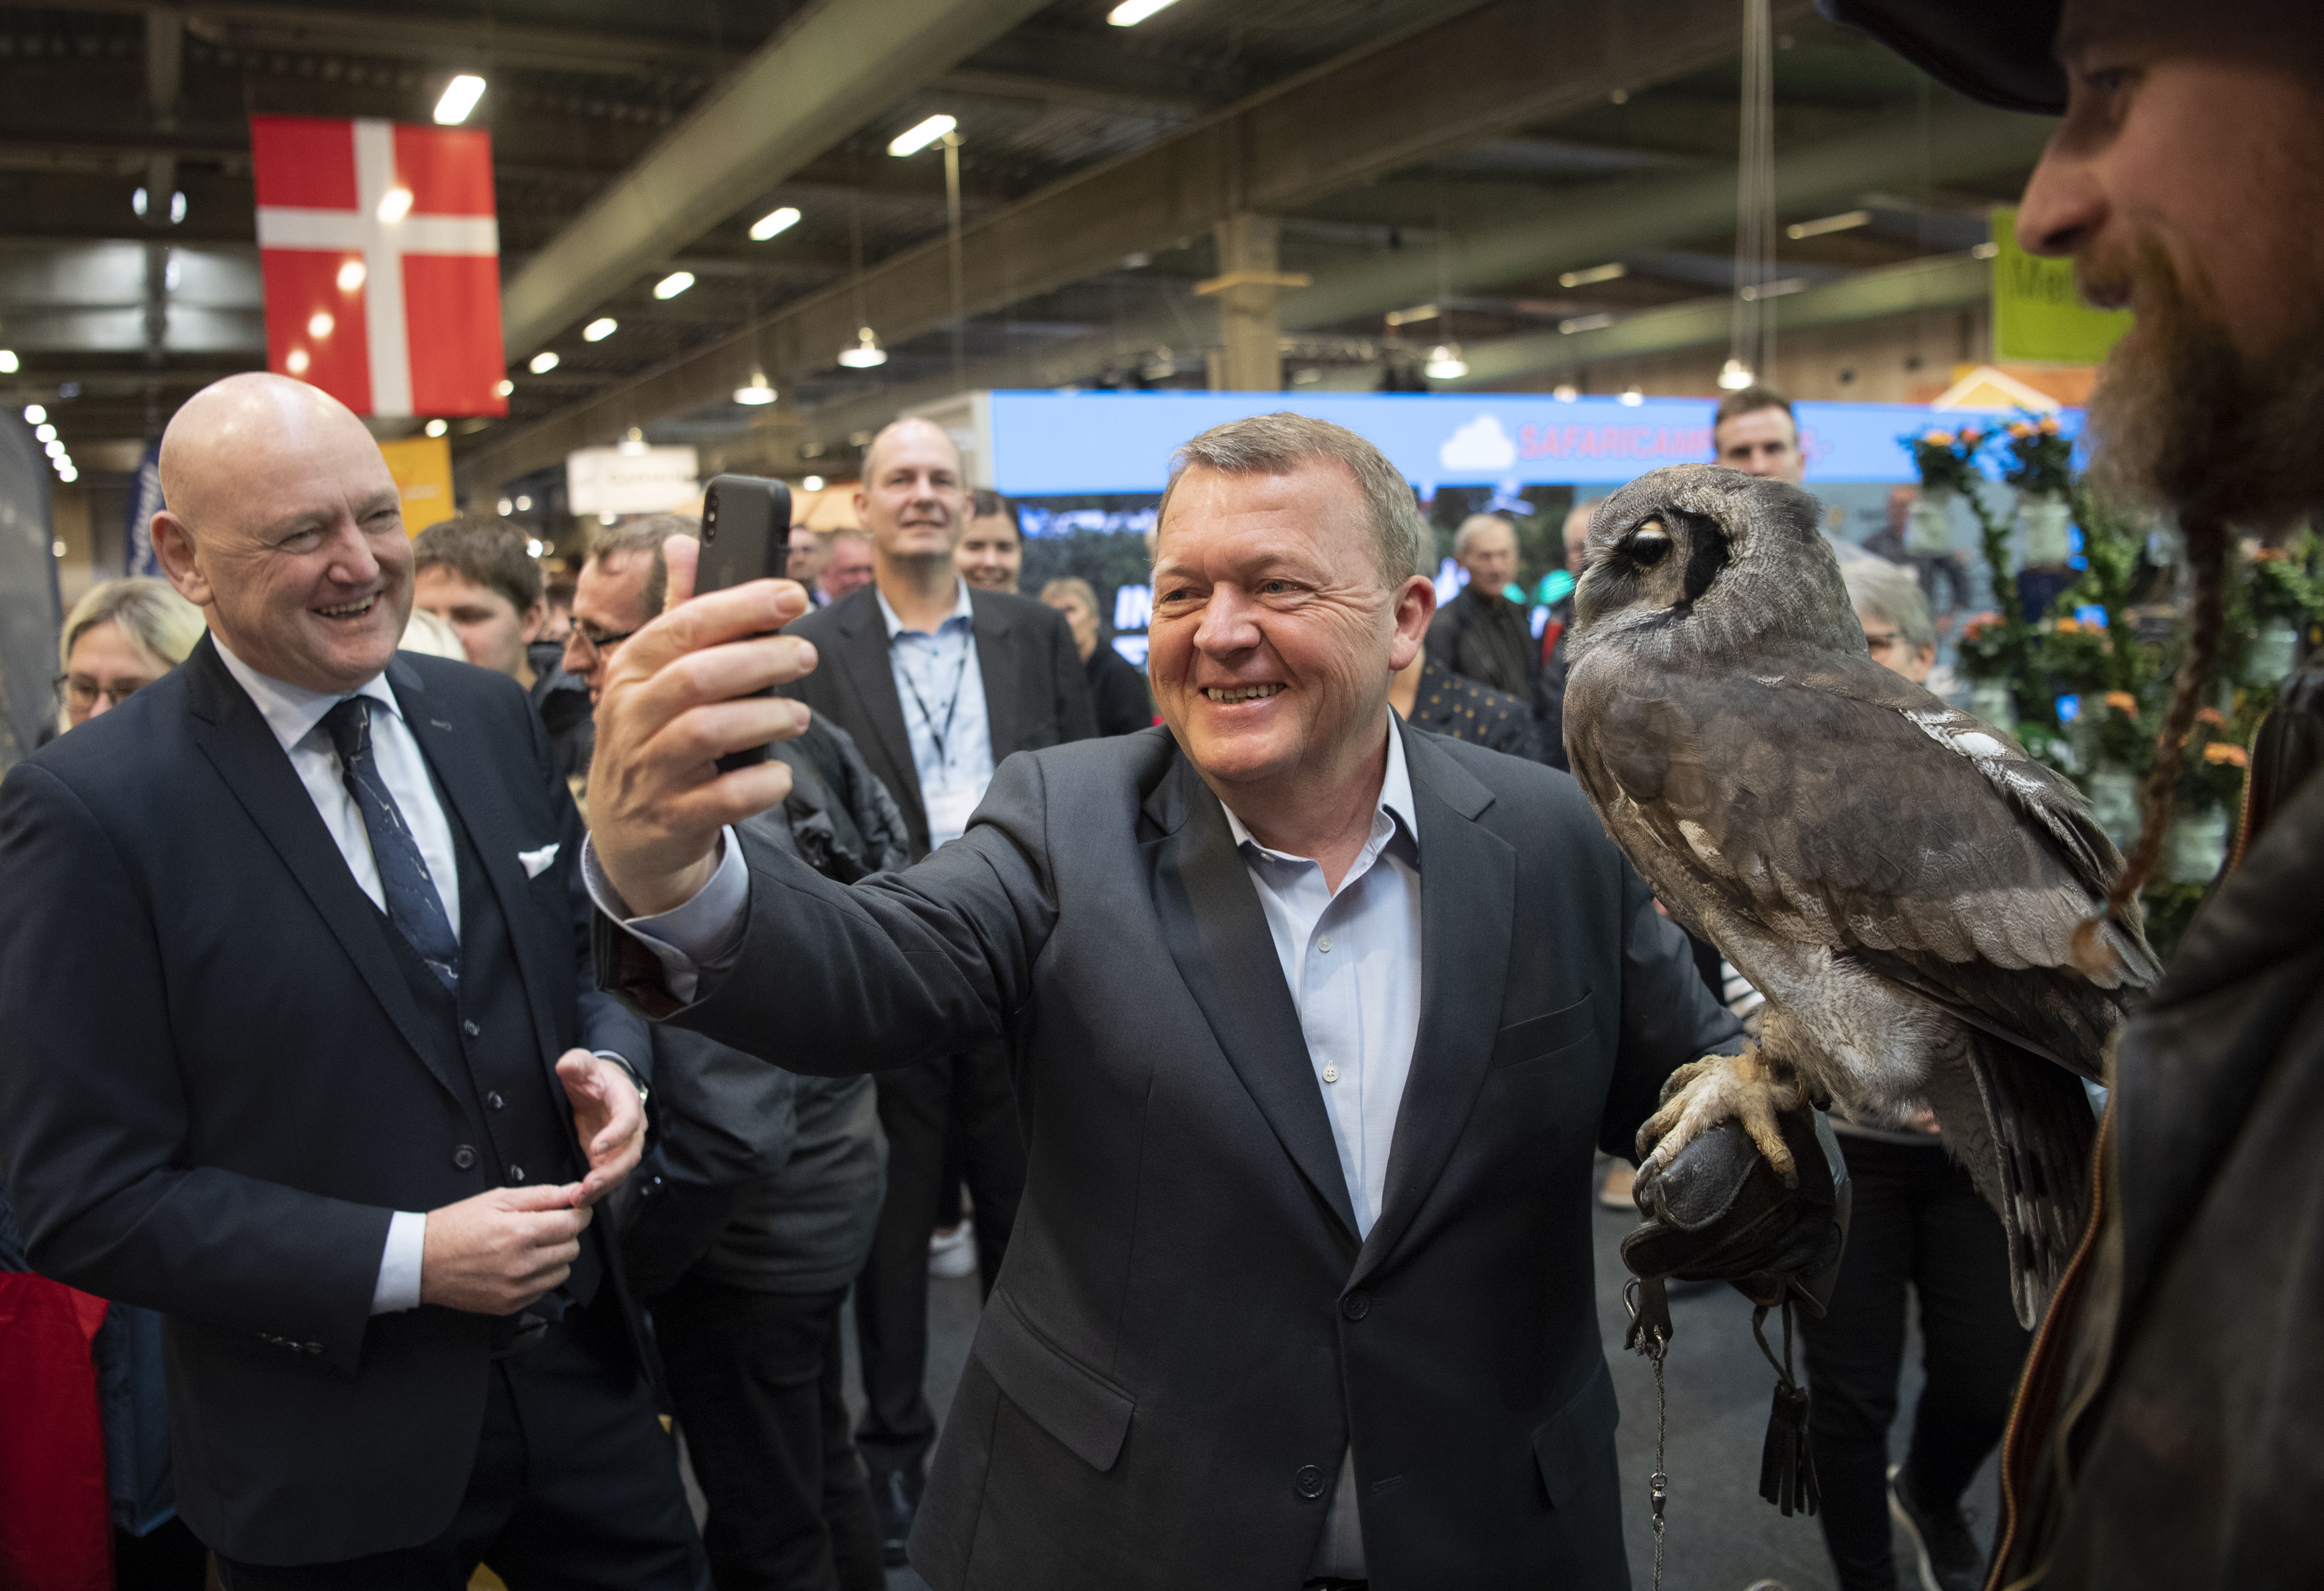 Statsminister Lars Løkke Rasmussen var blandt de over en million gæster sidste år i Messecenter Herning – her besøger hans centrets største publikumsmesse, Ferie for Alle. Foto: MCH/Lars Møller.